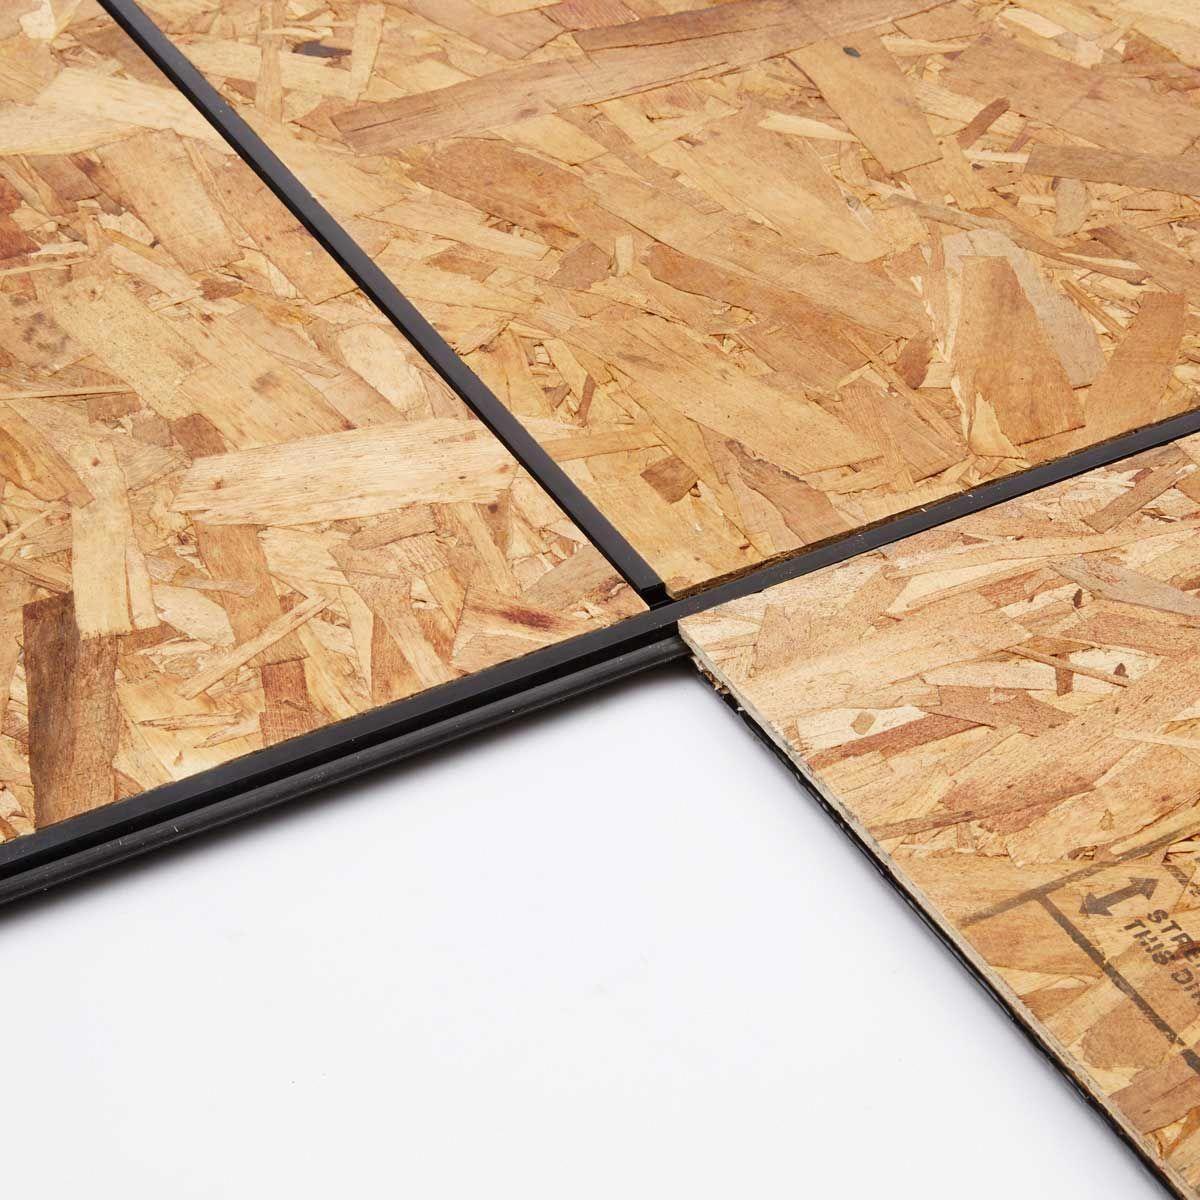 Amdry Sublfoor Panels Basementflooring Basement Subfloor Finishing Basement Basement Floor Plans